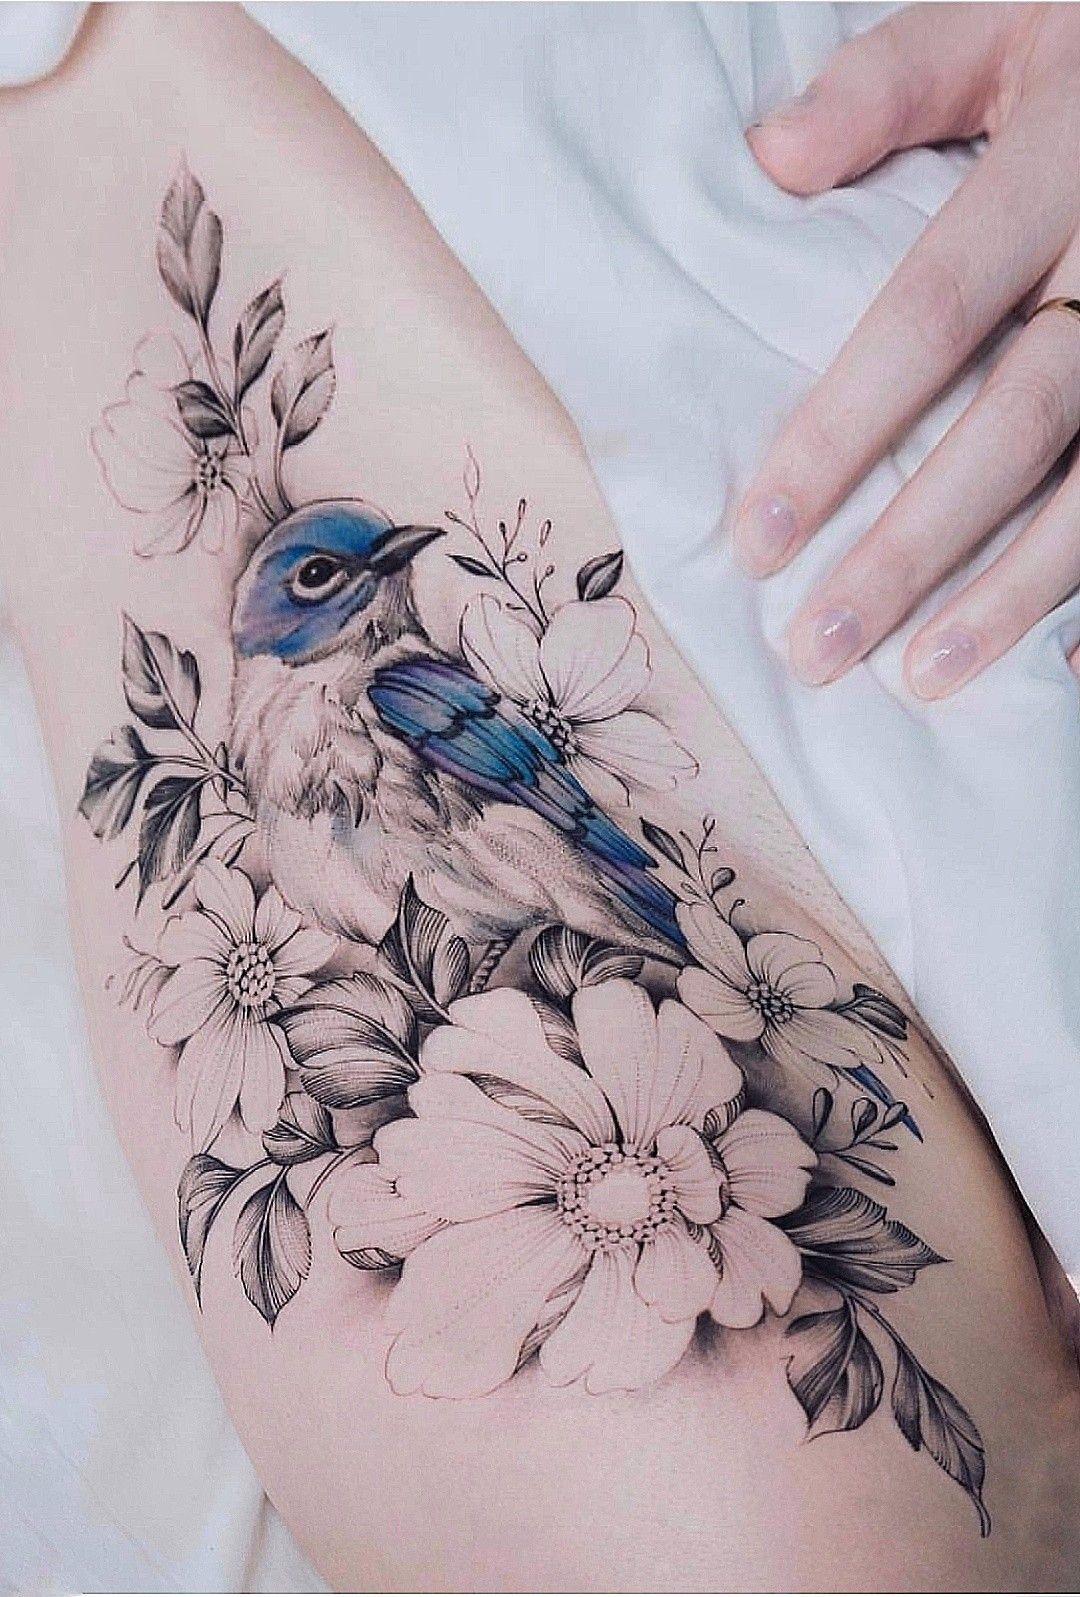 Voor bloemen tattoo, alle bloemen zijn zwart-wit, met uitzondering van één.